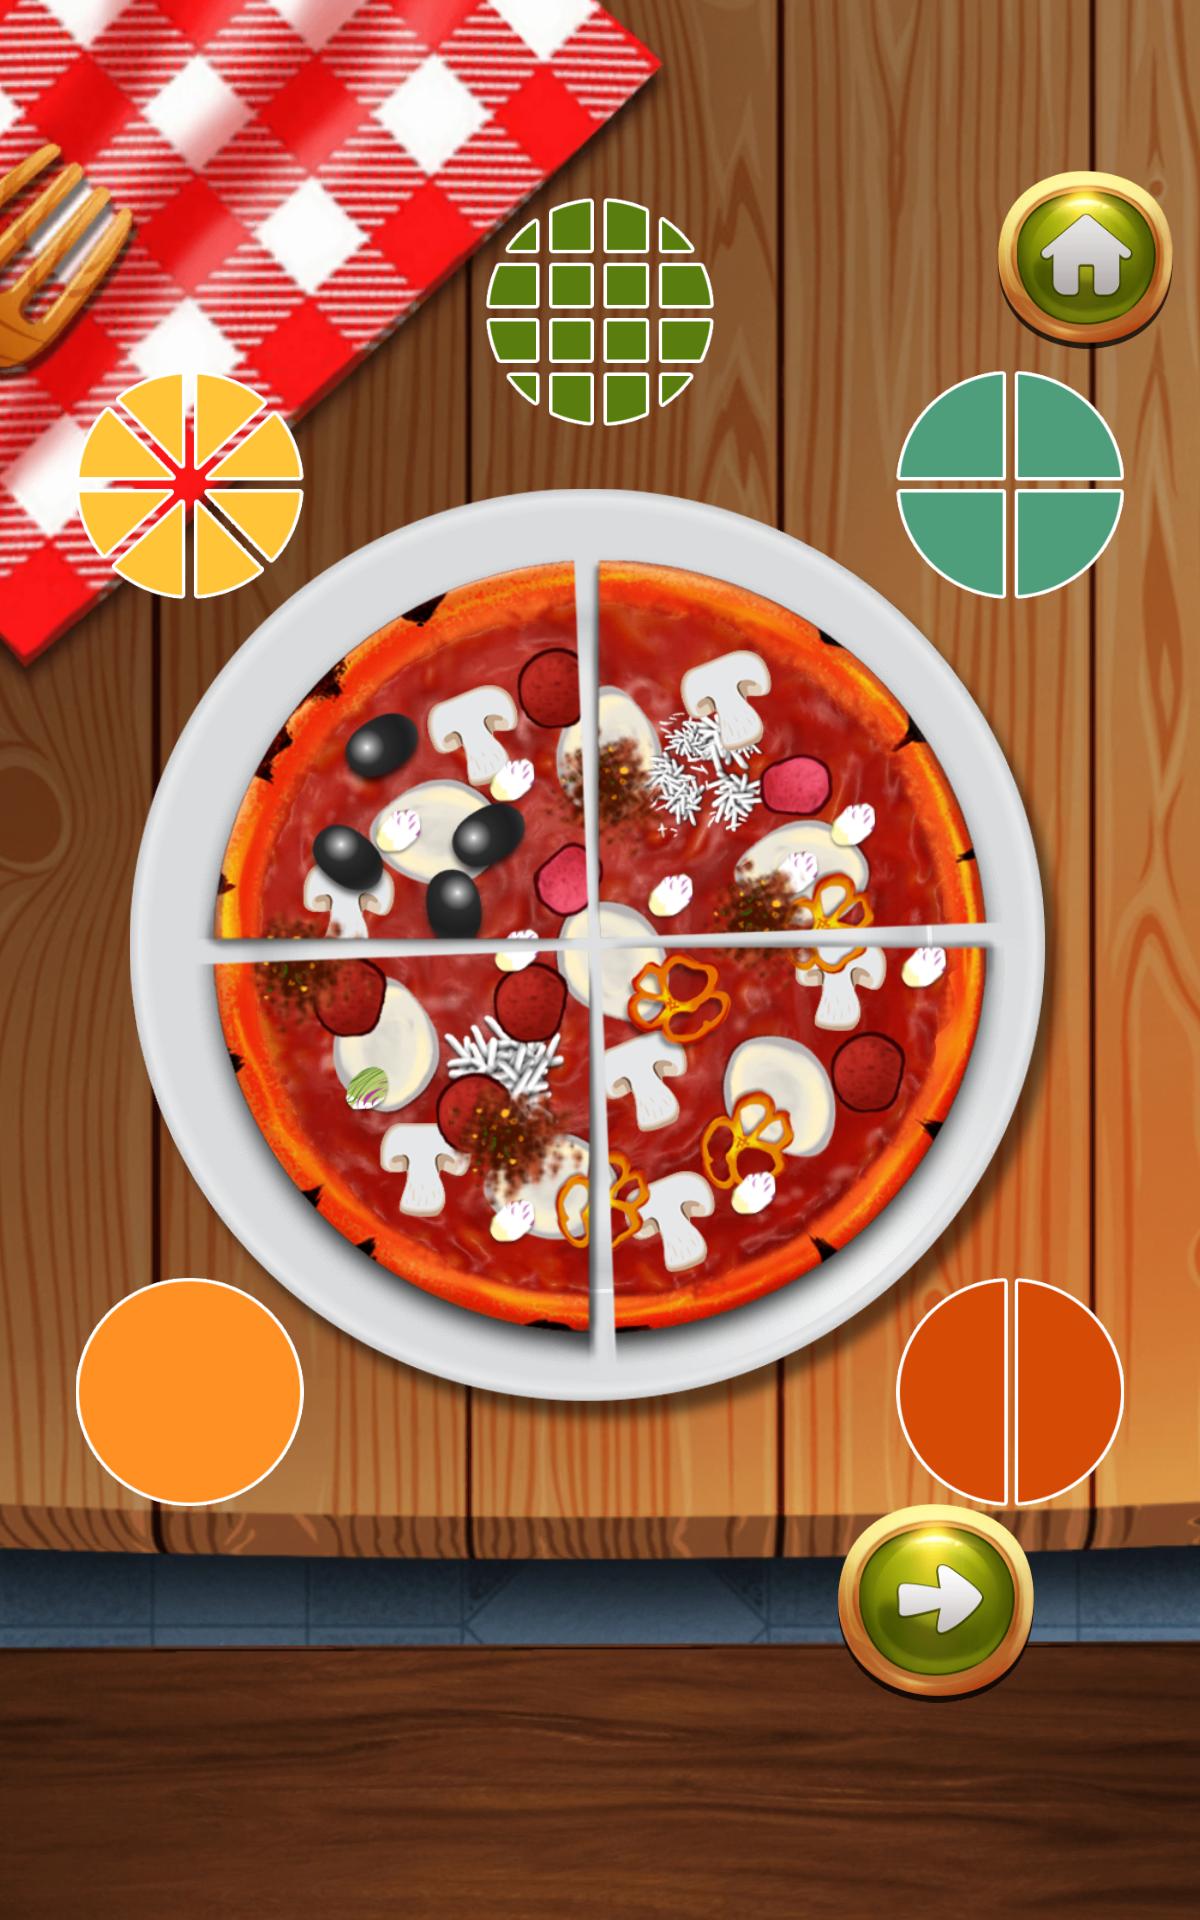 Pizzeria Spiel